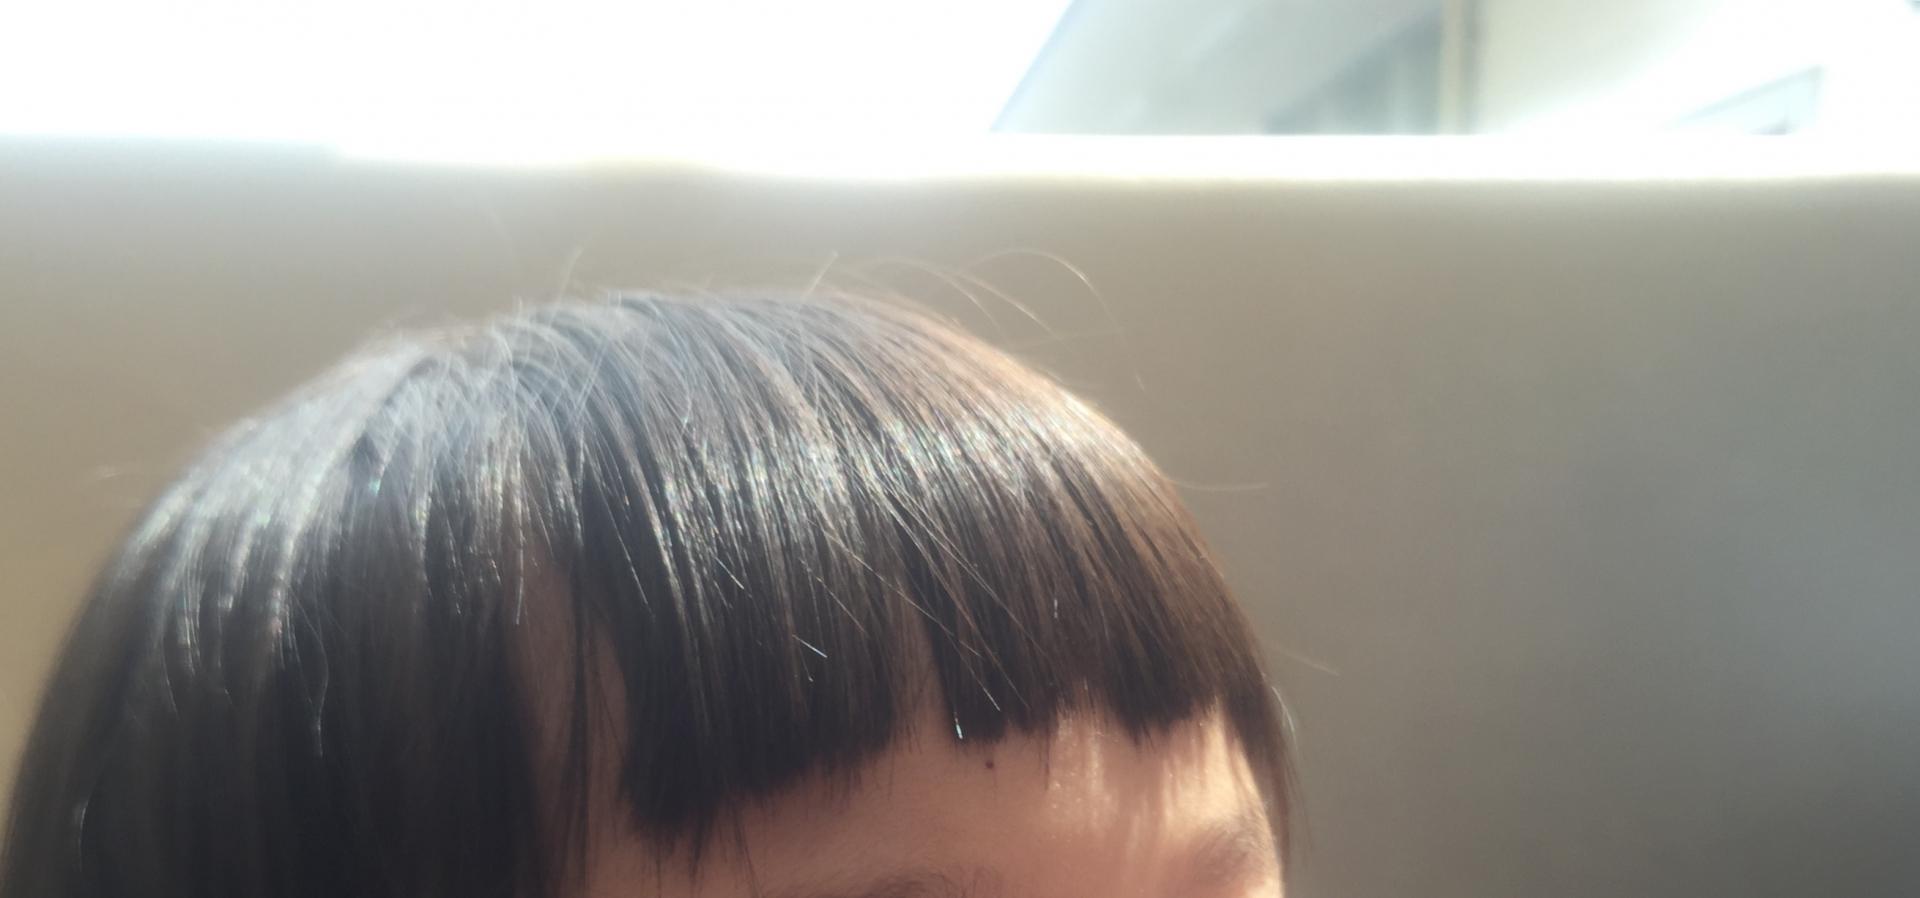 ツヤ髪の女の子